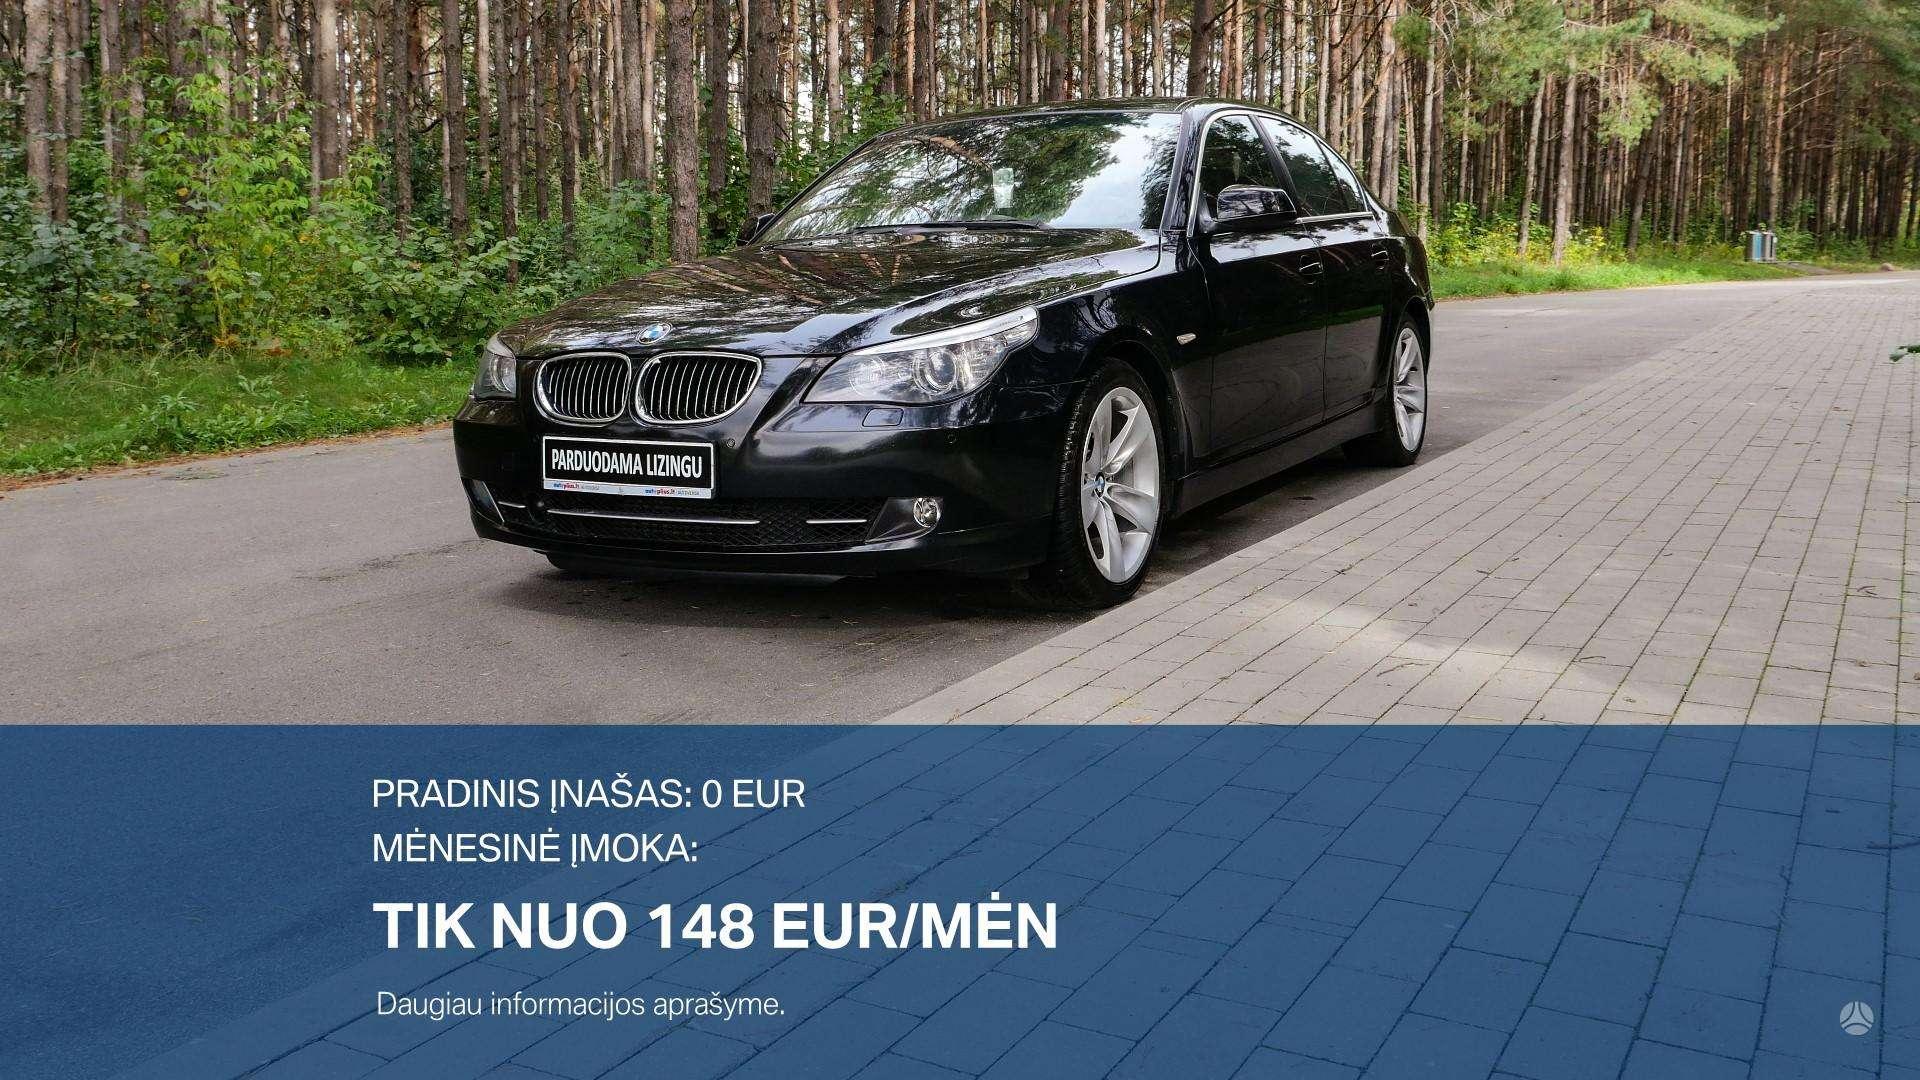 BMW 530 Išsimokėtinai nuo 148Eur/Mėn su 3 mėnesių garantija